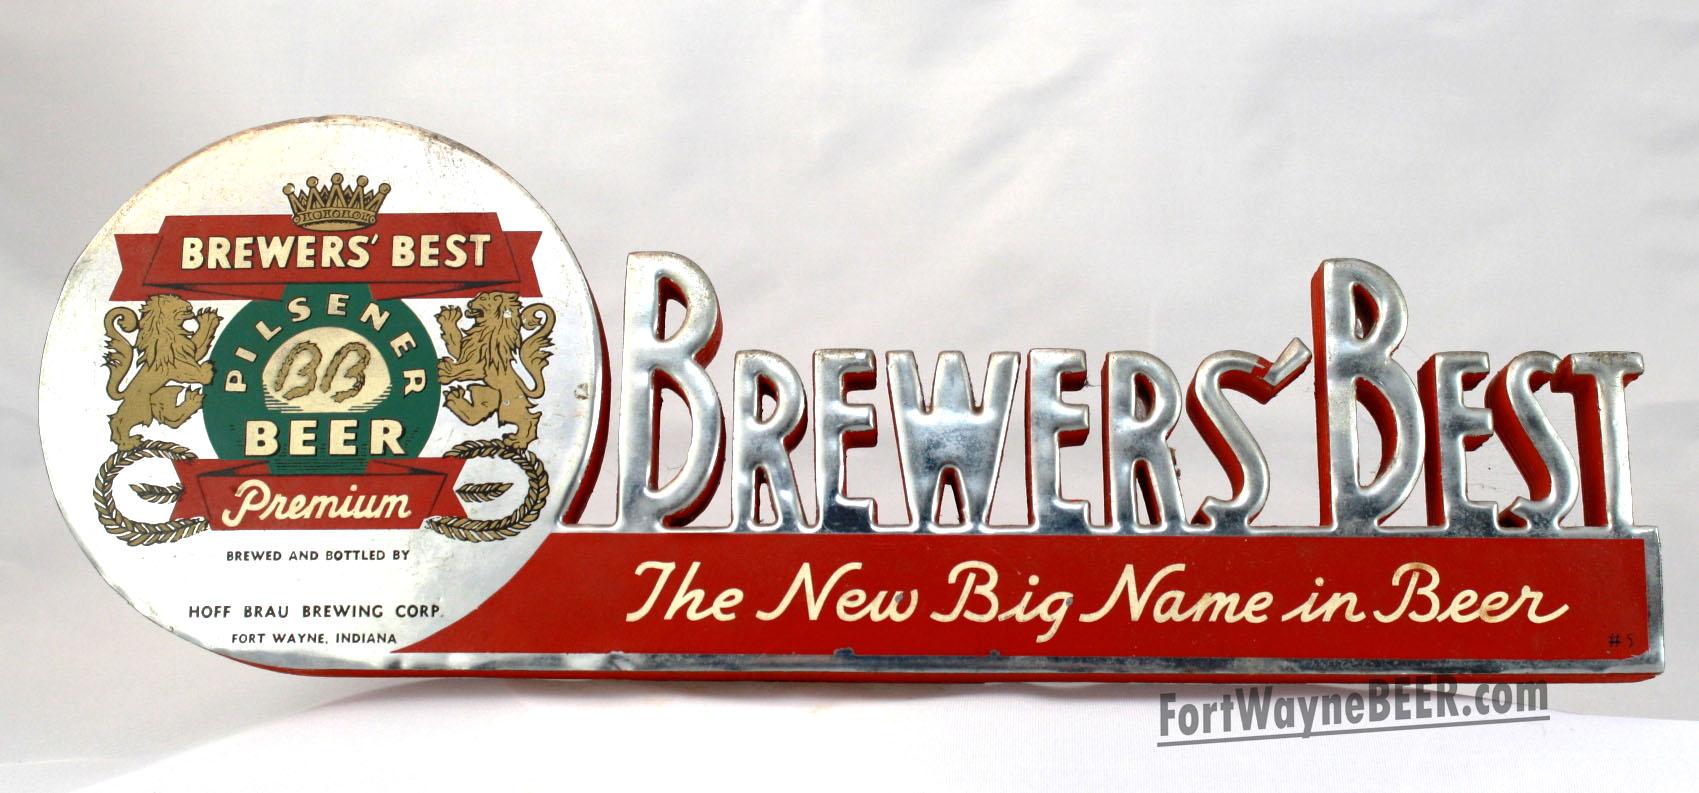 Hoff-Brau Brewers Best Sign1 copy.jpg